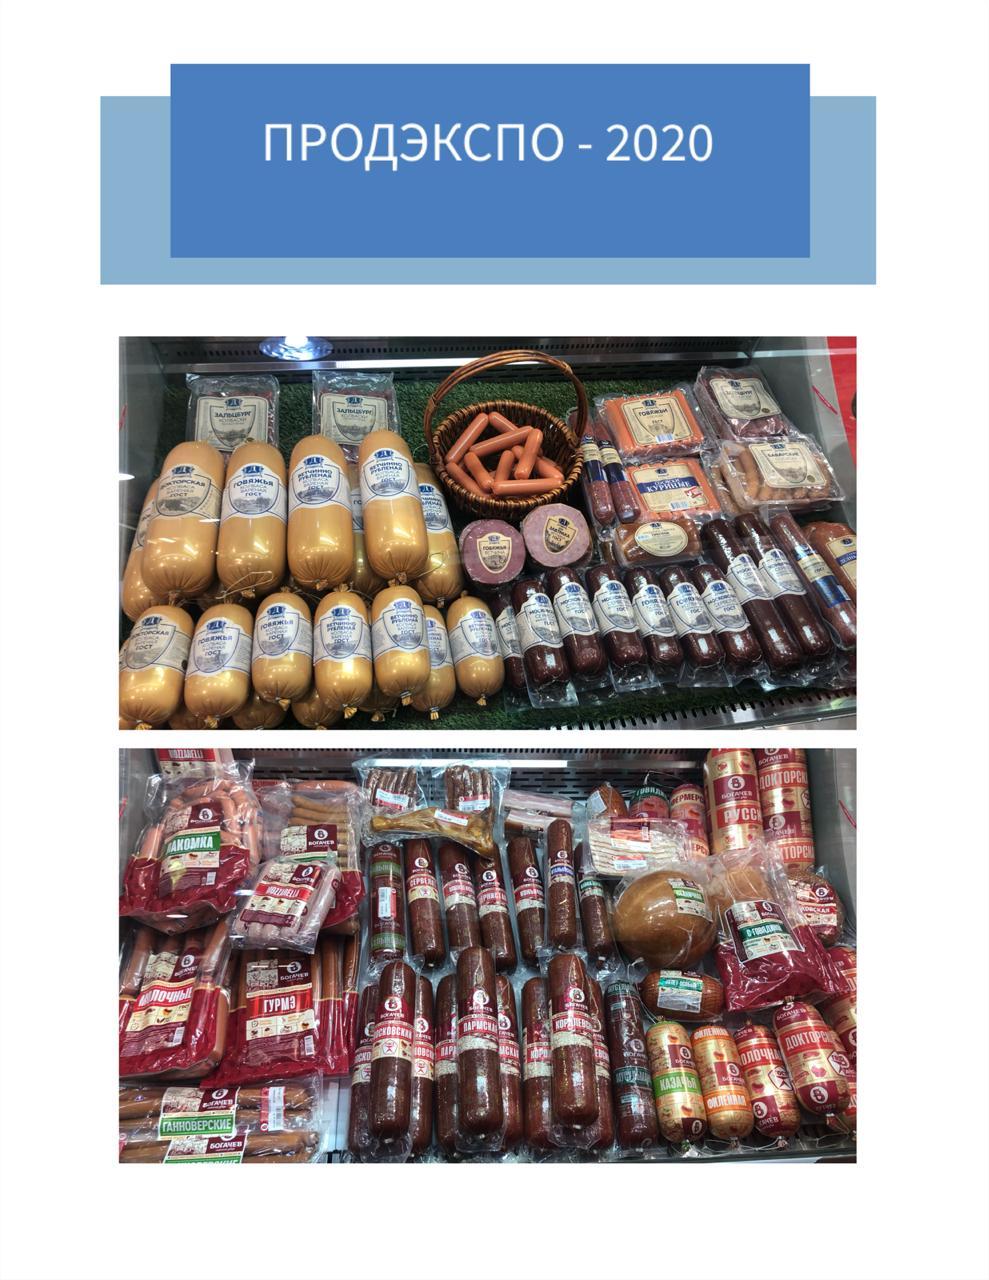 Сегодня, 10 февраля 2020 года стартовал первый день работы 27-й международной выставки продуктов питания, напитков и сырья для их производства «ПРОДЭКСПО-2020»